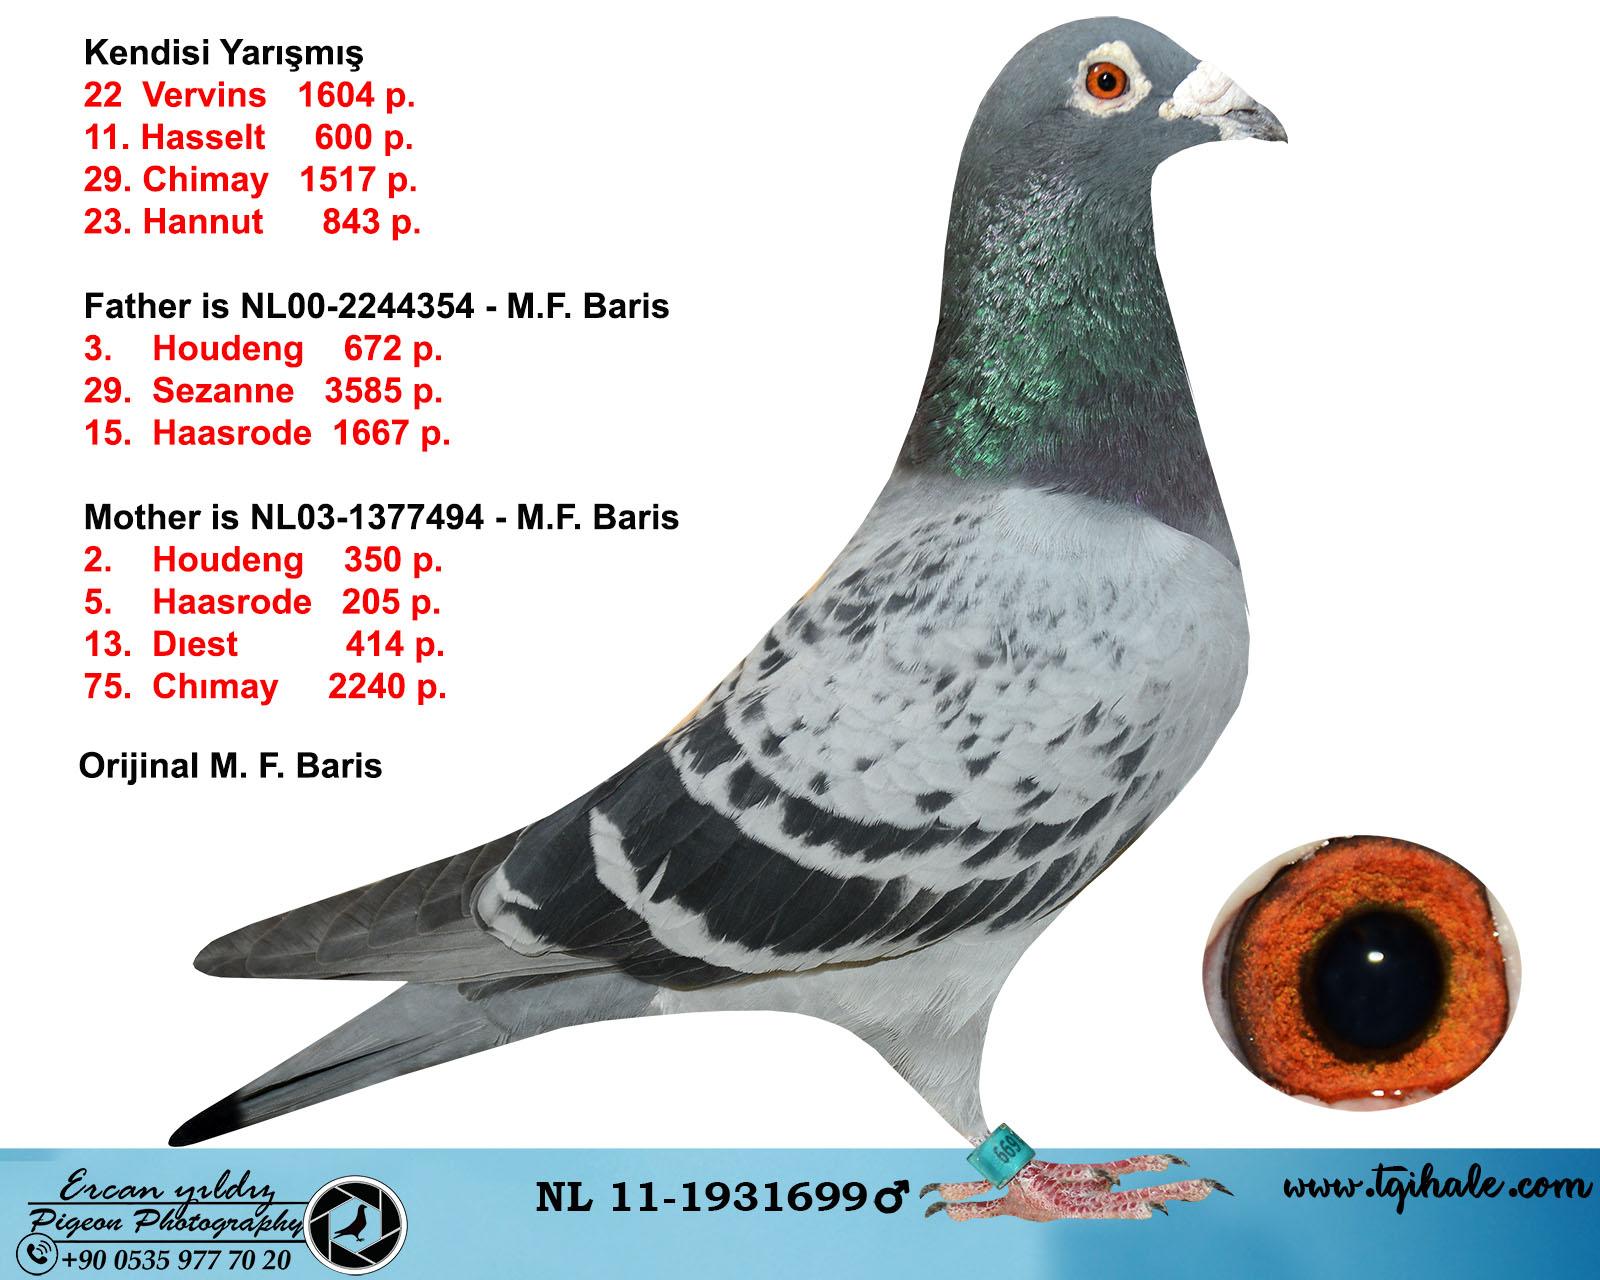 NL11-1931699 ERKEK / KENDİSİ YARIŞMIŞ FİKRET BARIŞ ÖZEL SOYLARINDAN